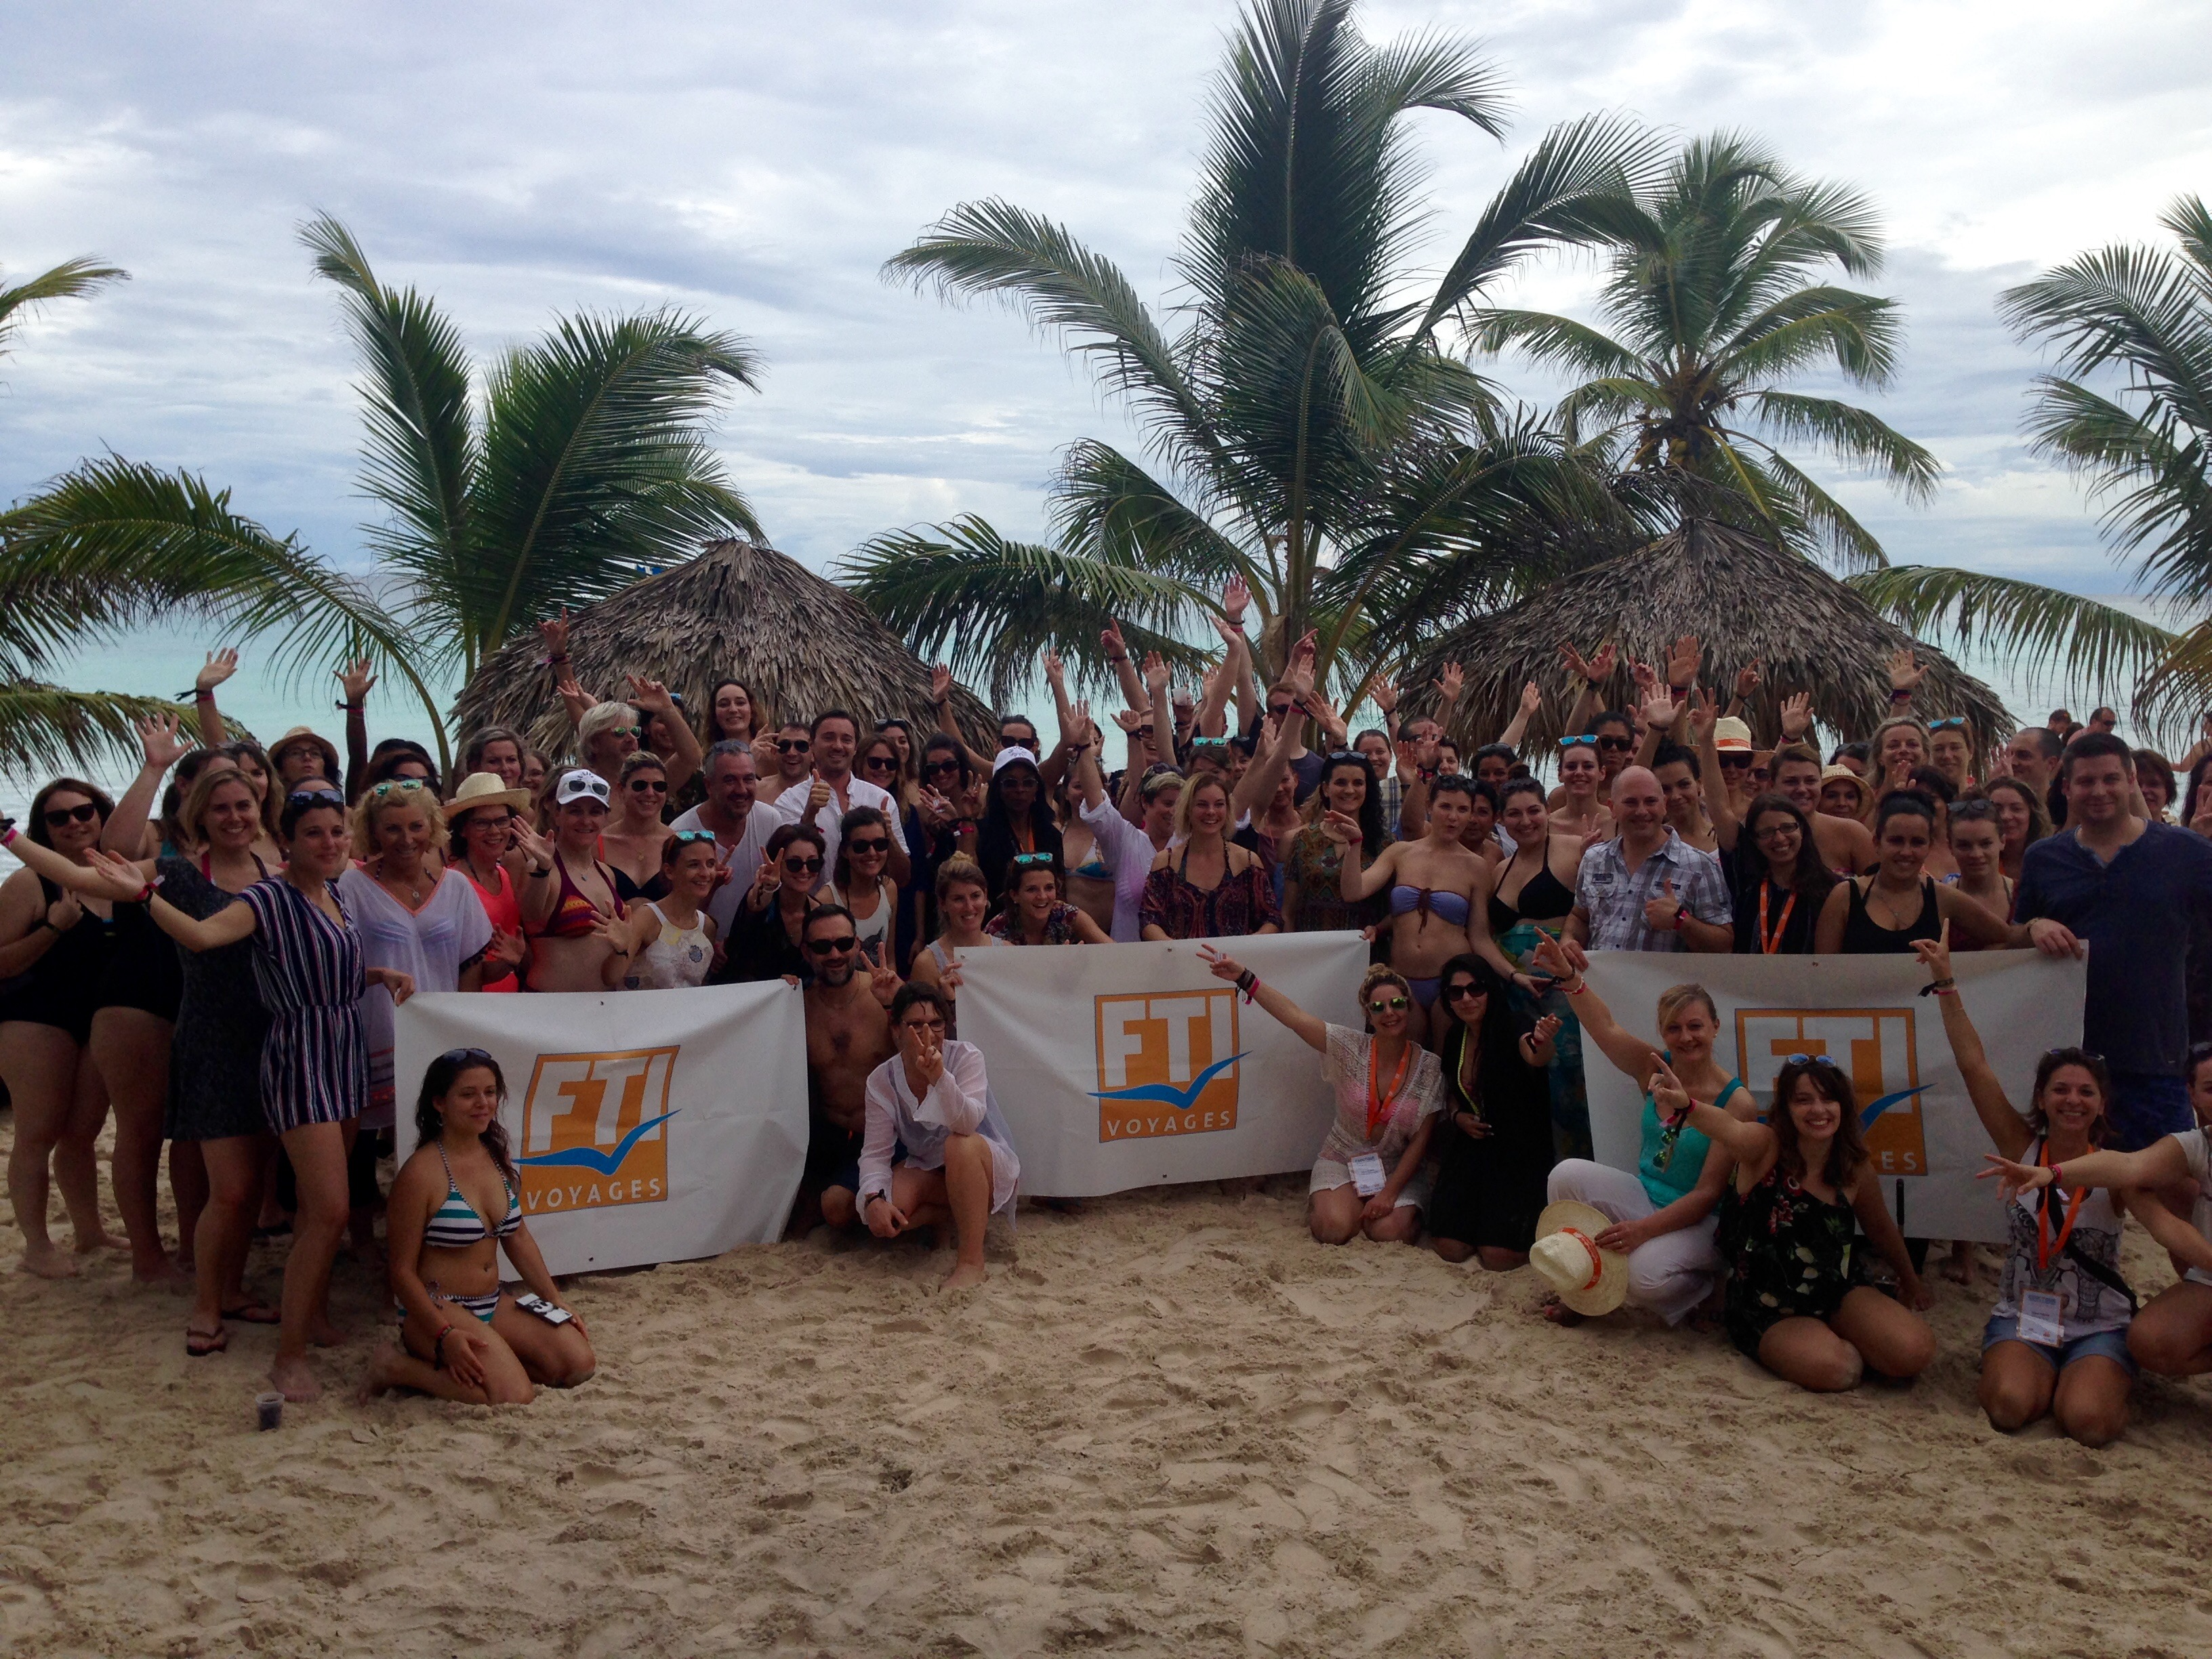 Fti voyages se lancera en b2c au 1er semestre 2018 - Office tourisme republique dominicaine ...